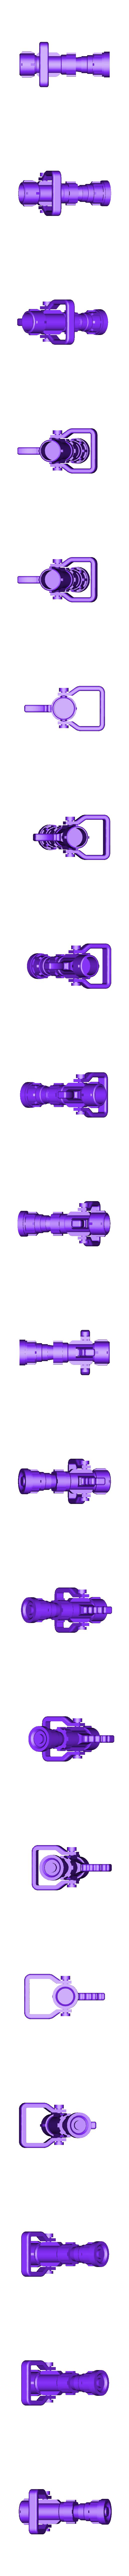 PITON v10.stl Download STL file BOQUILLA CONTRAINCENDIO O PITON • 3D print template, abrahamfire28